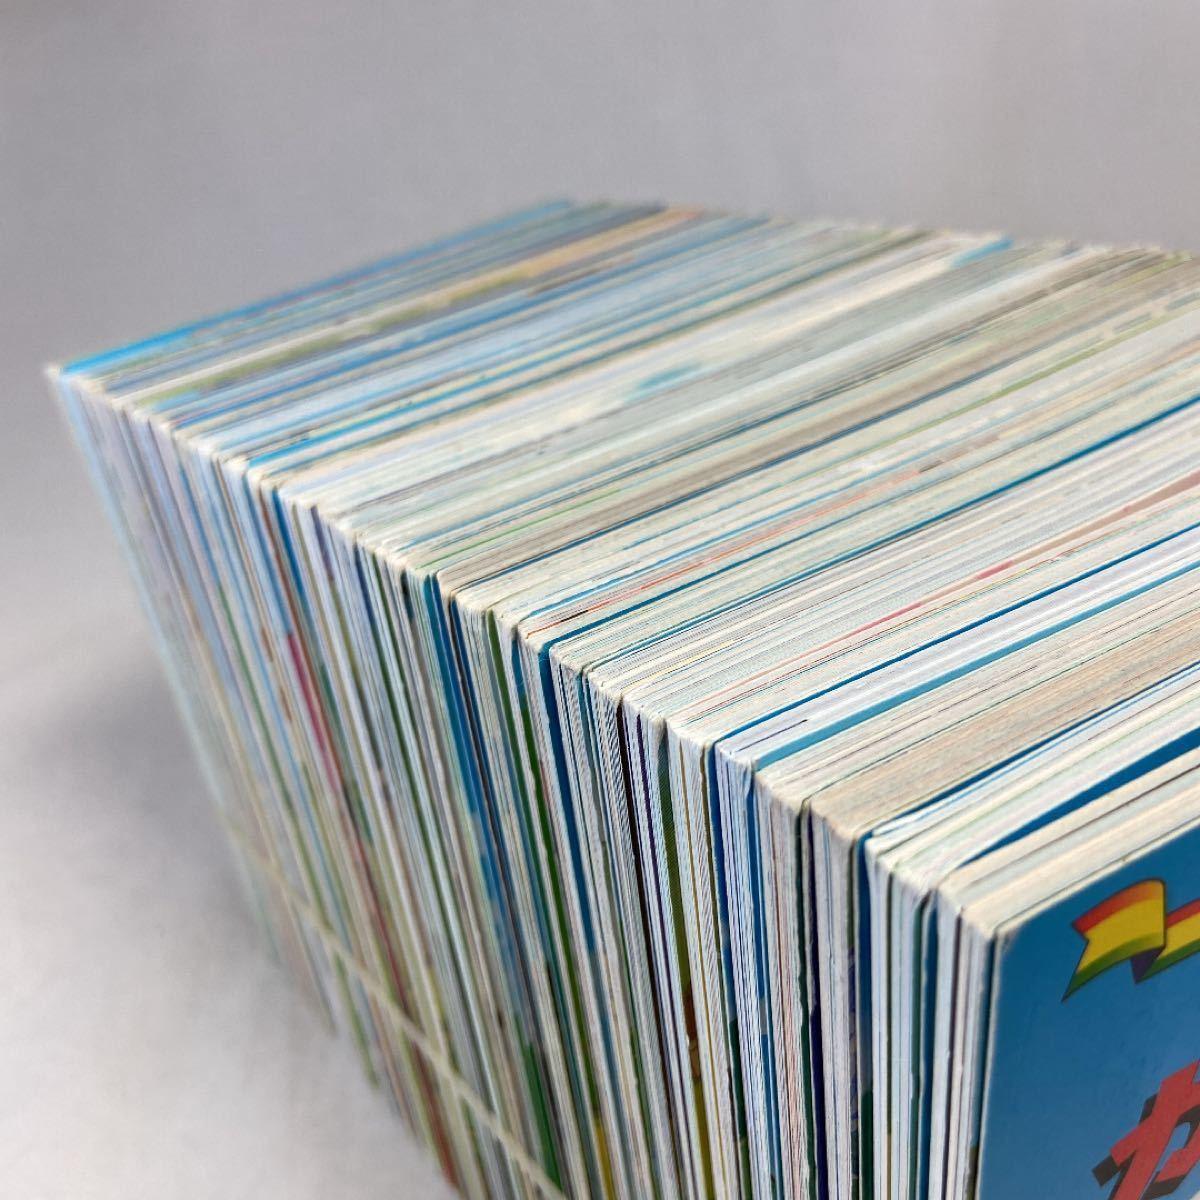 永岡書店「日本昔ばなしアニメ絵本18冊+世界名作アニメ絵本20冊」日本昔話・世界名作ファンタジー童話・えほんまとめ売り38冊セット